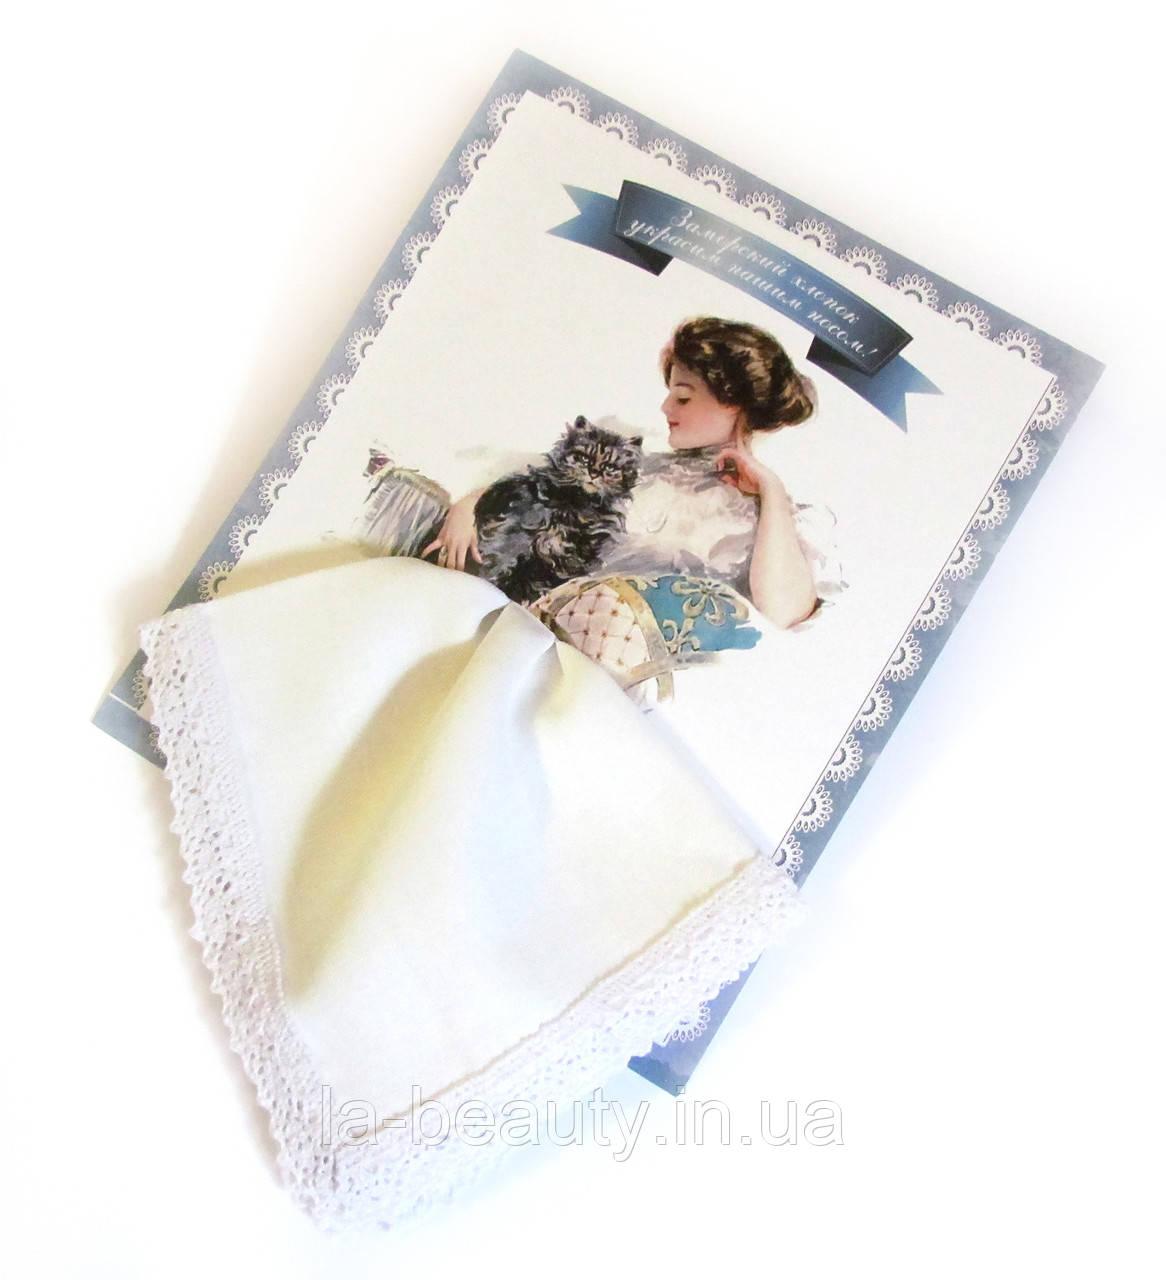 Носовой платок подарочный Заморский хлопок украсим нашим носом белый